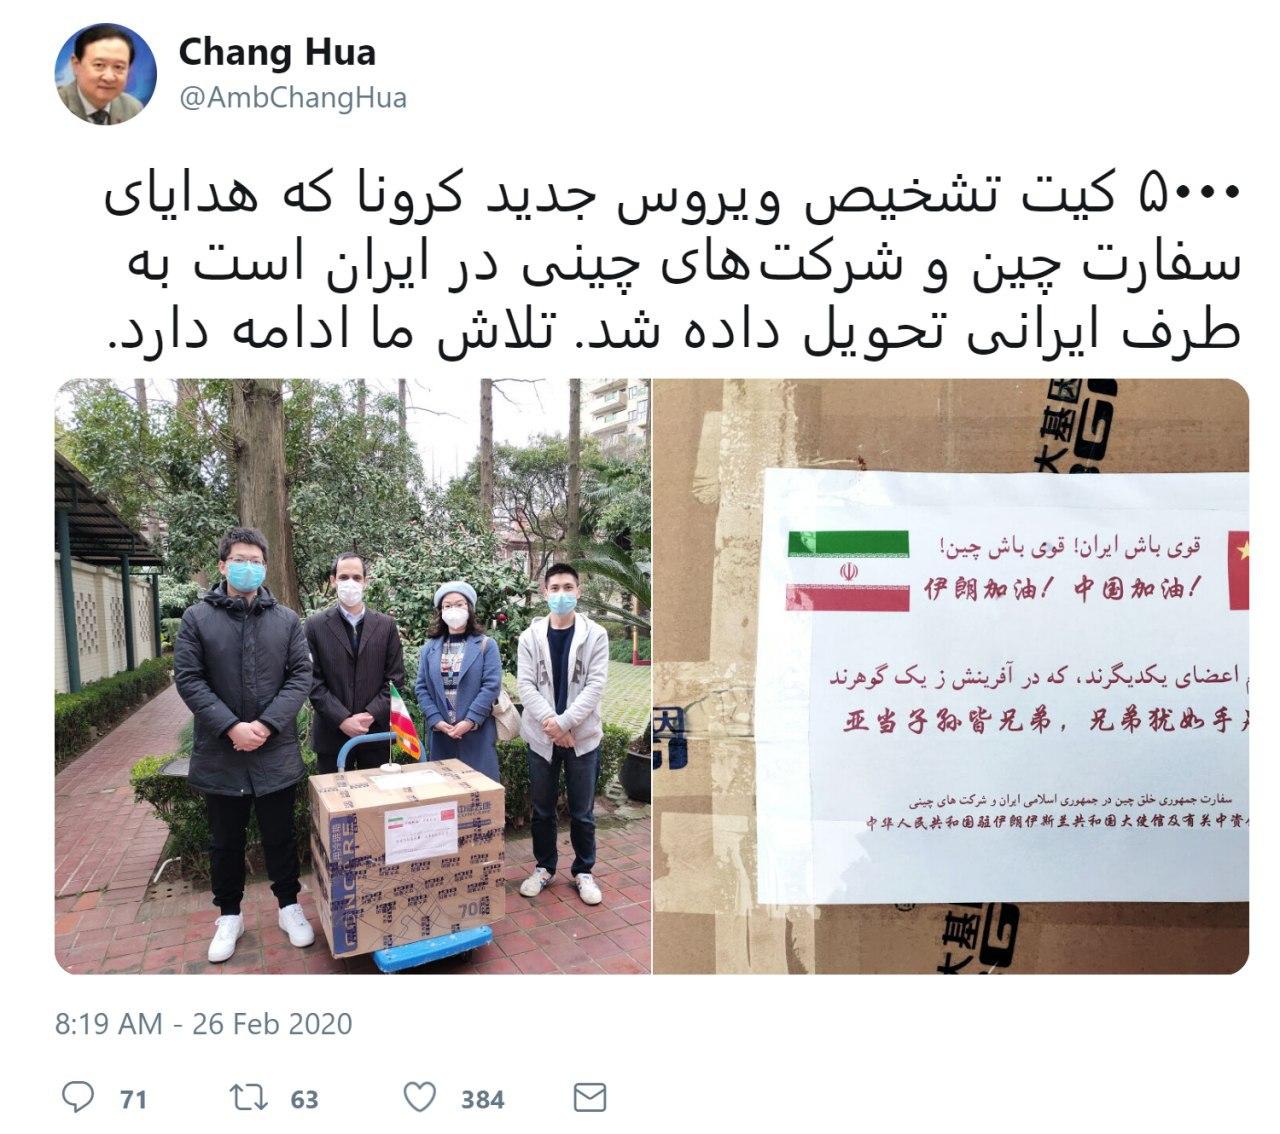 سفیر چین نوشته ۵۰۰۰ کیت تشخیص … 221110001582699806